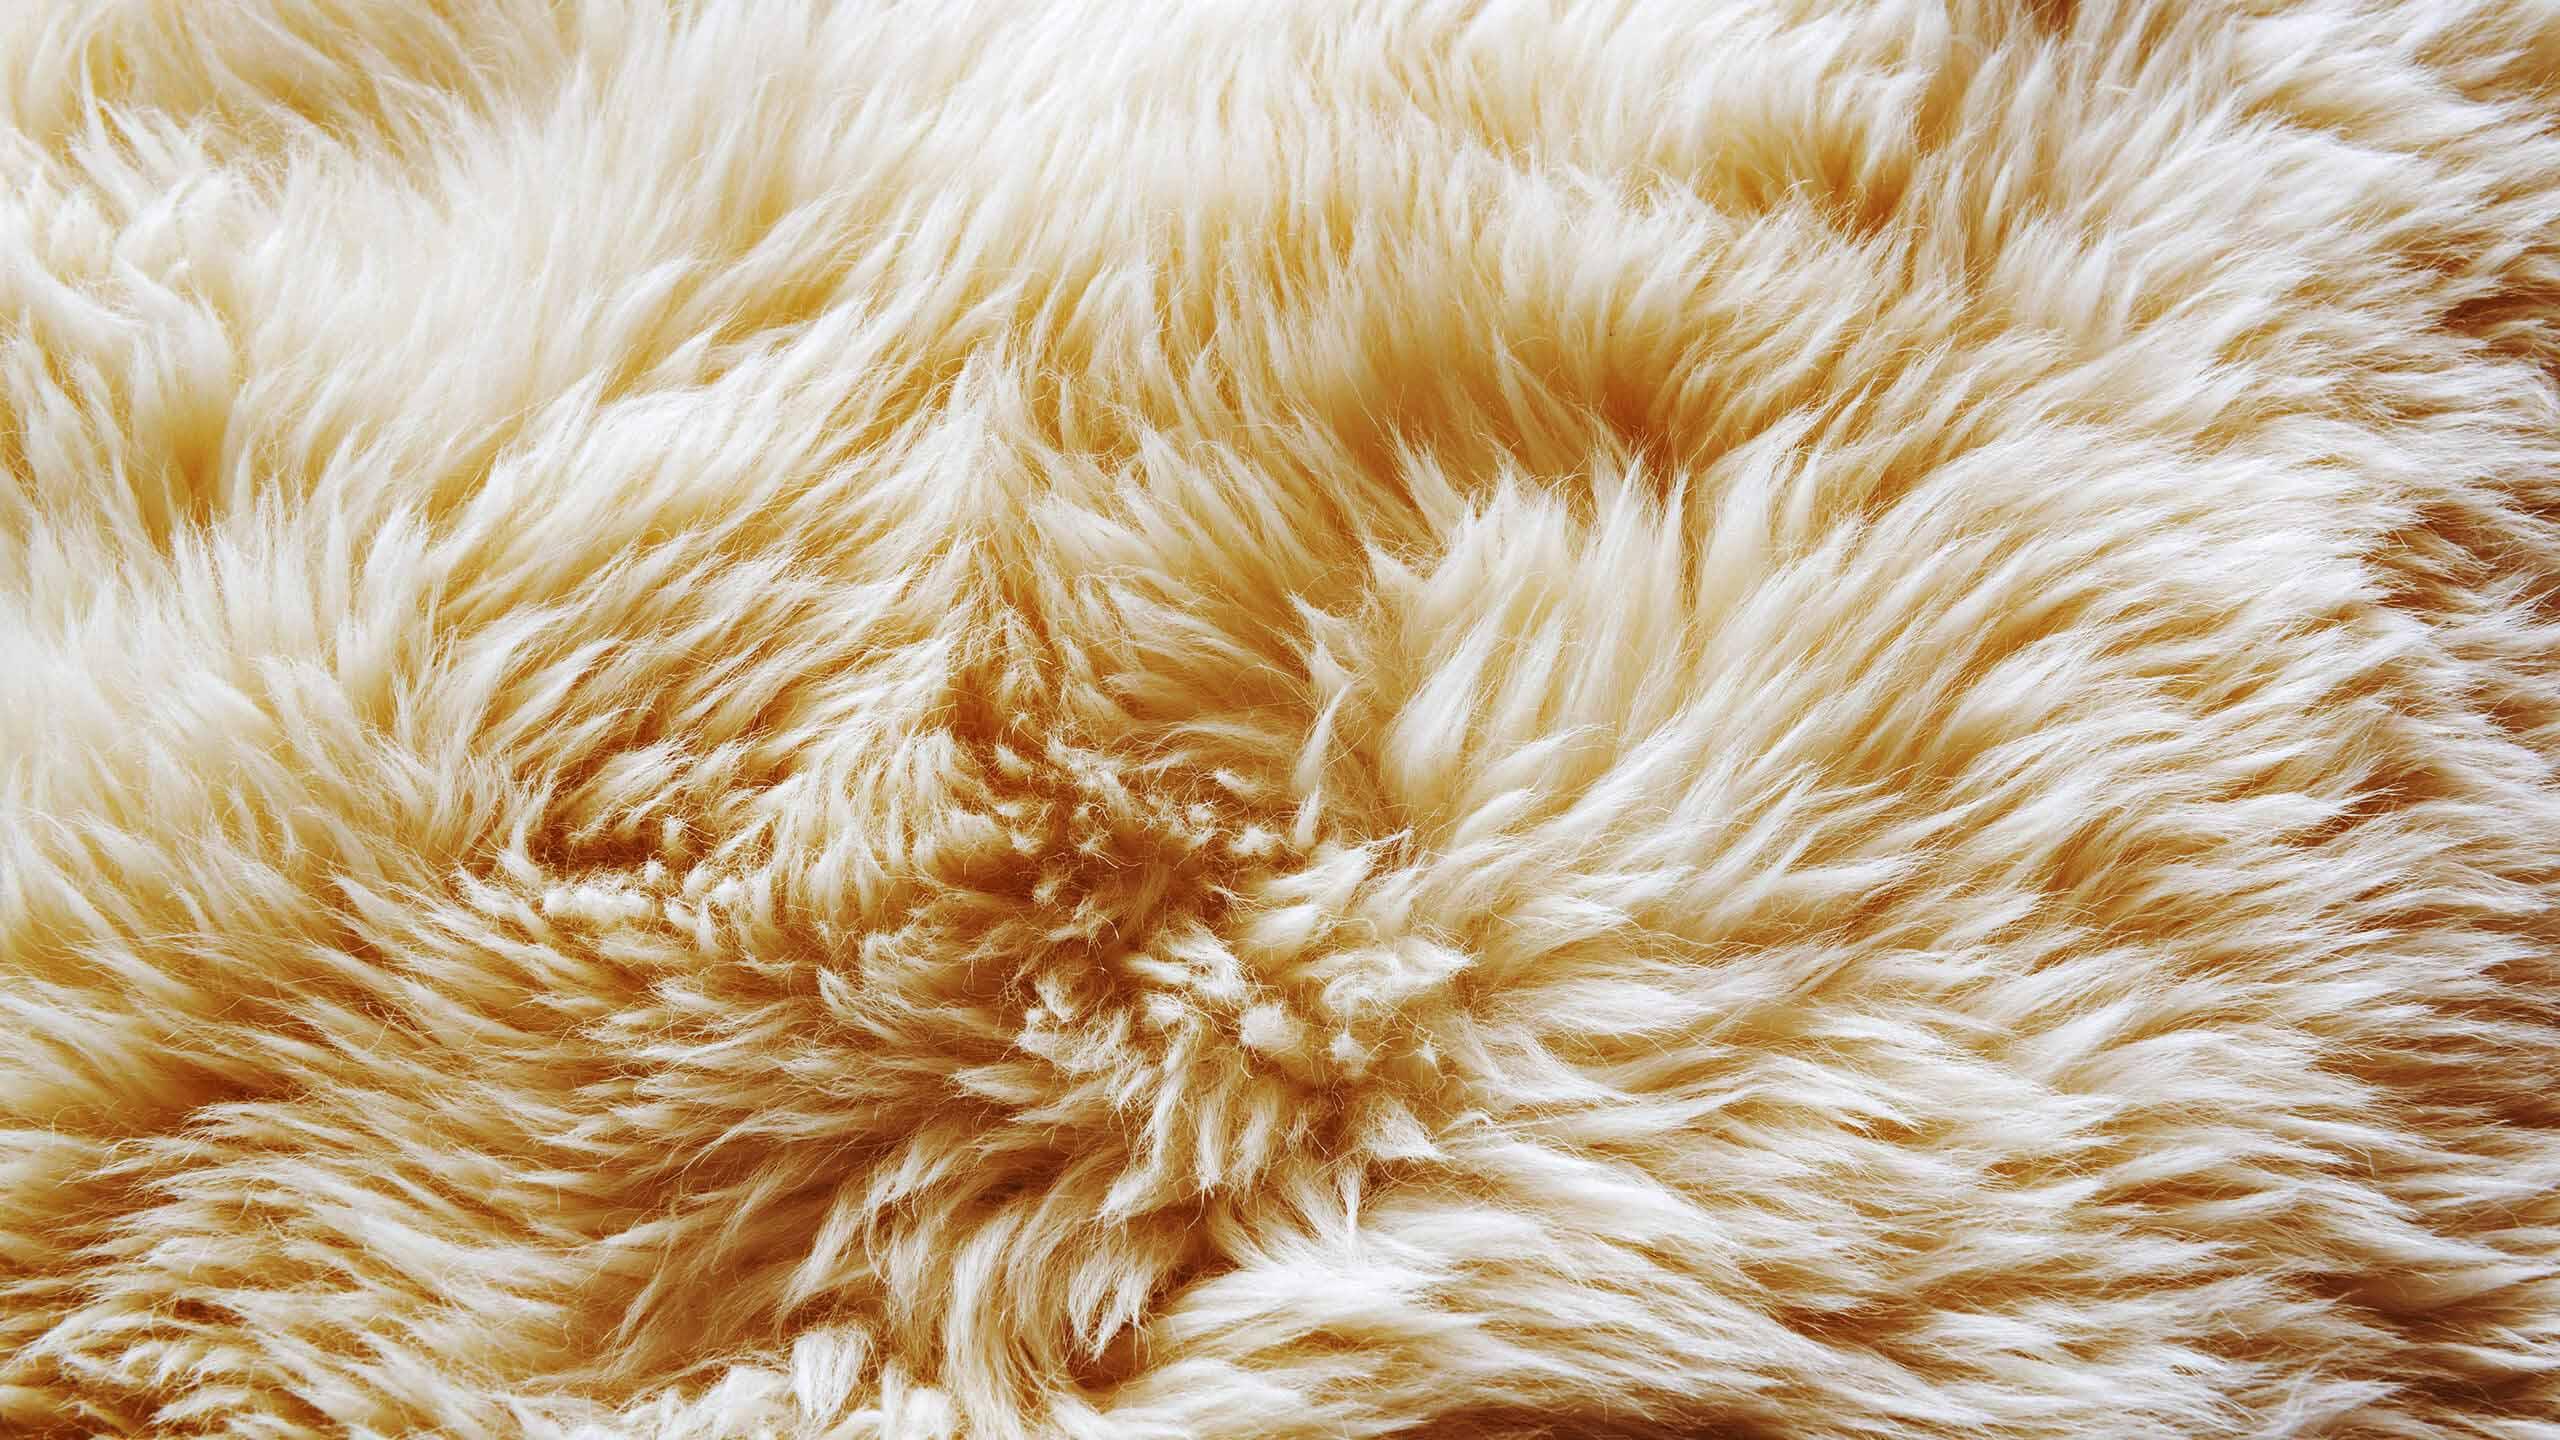 21204b7c9 Jesteśmy producentem skór owczych | KalSkór - 30 lat doświadczenia!